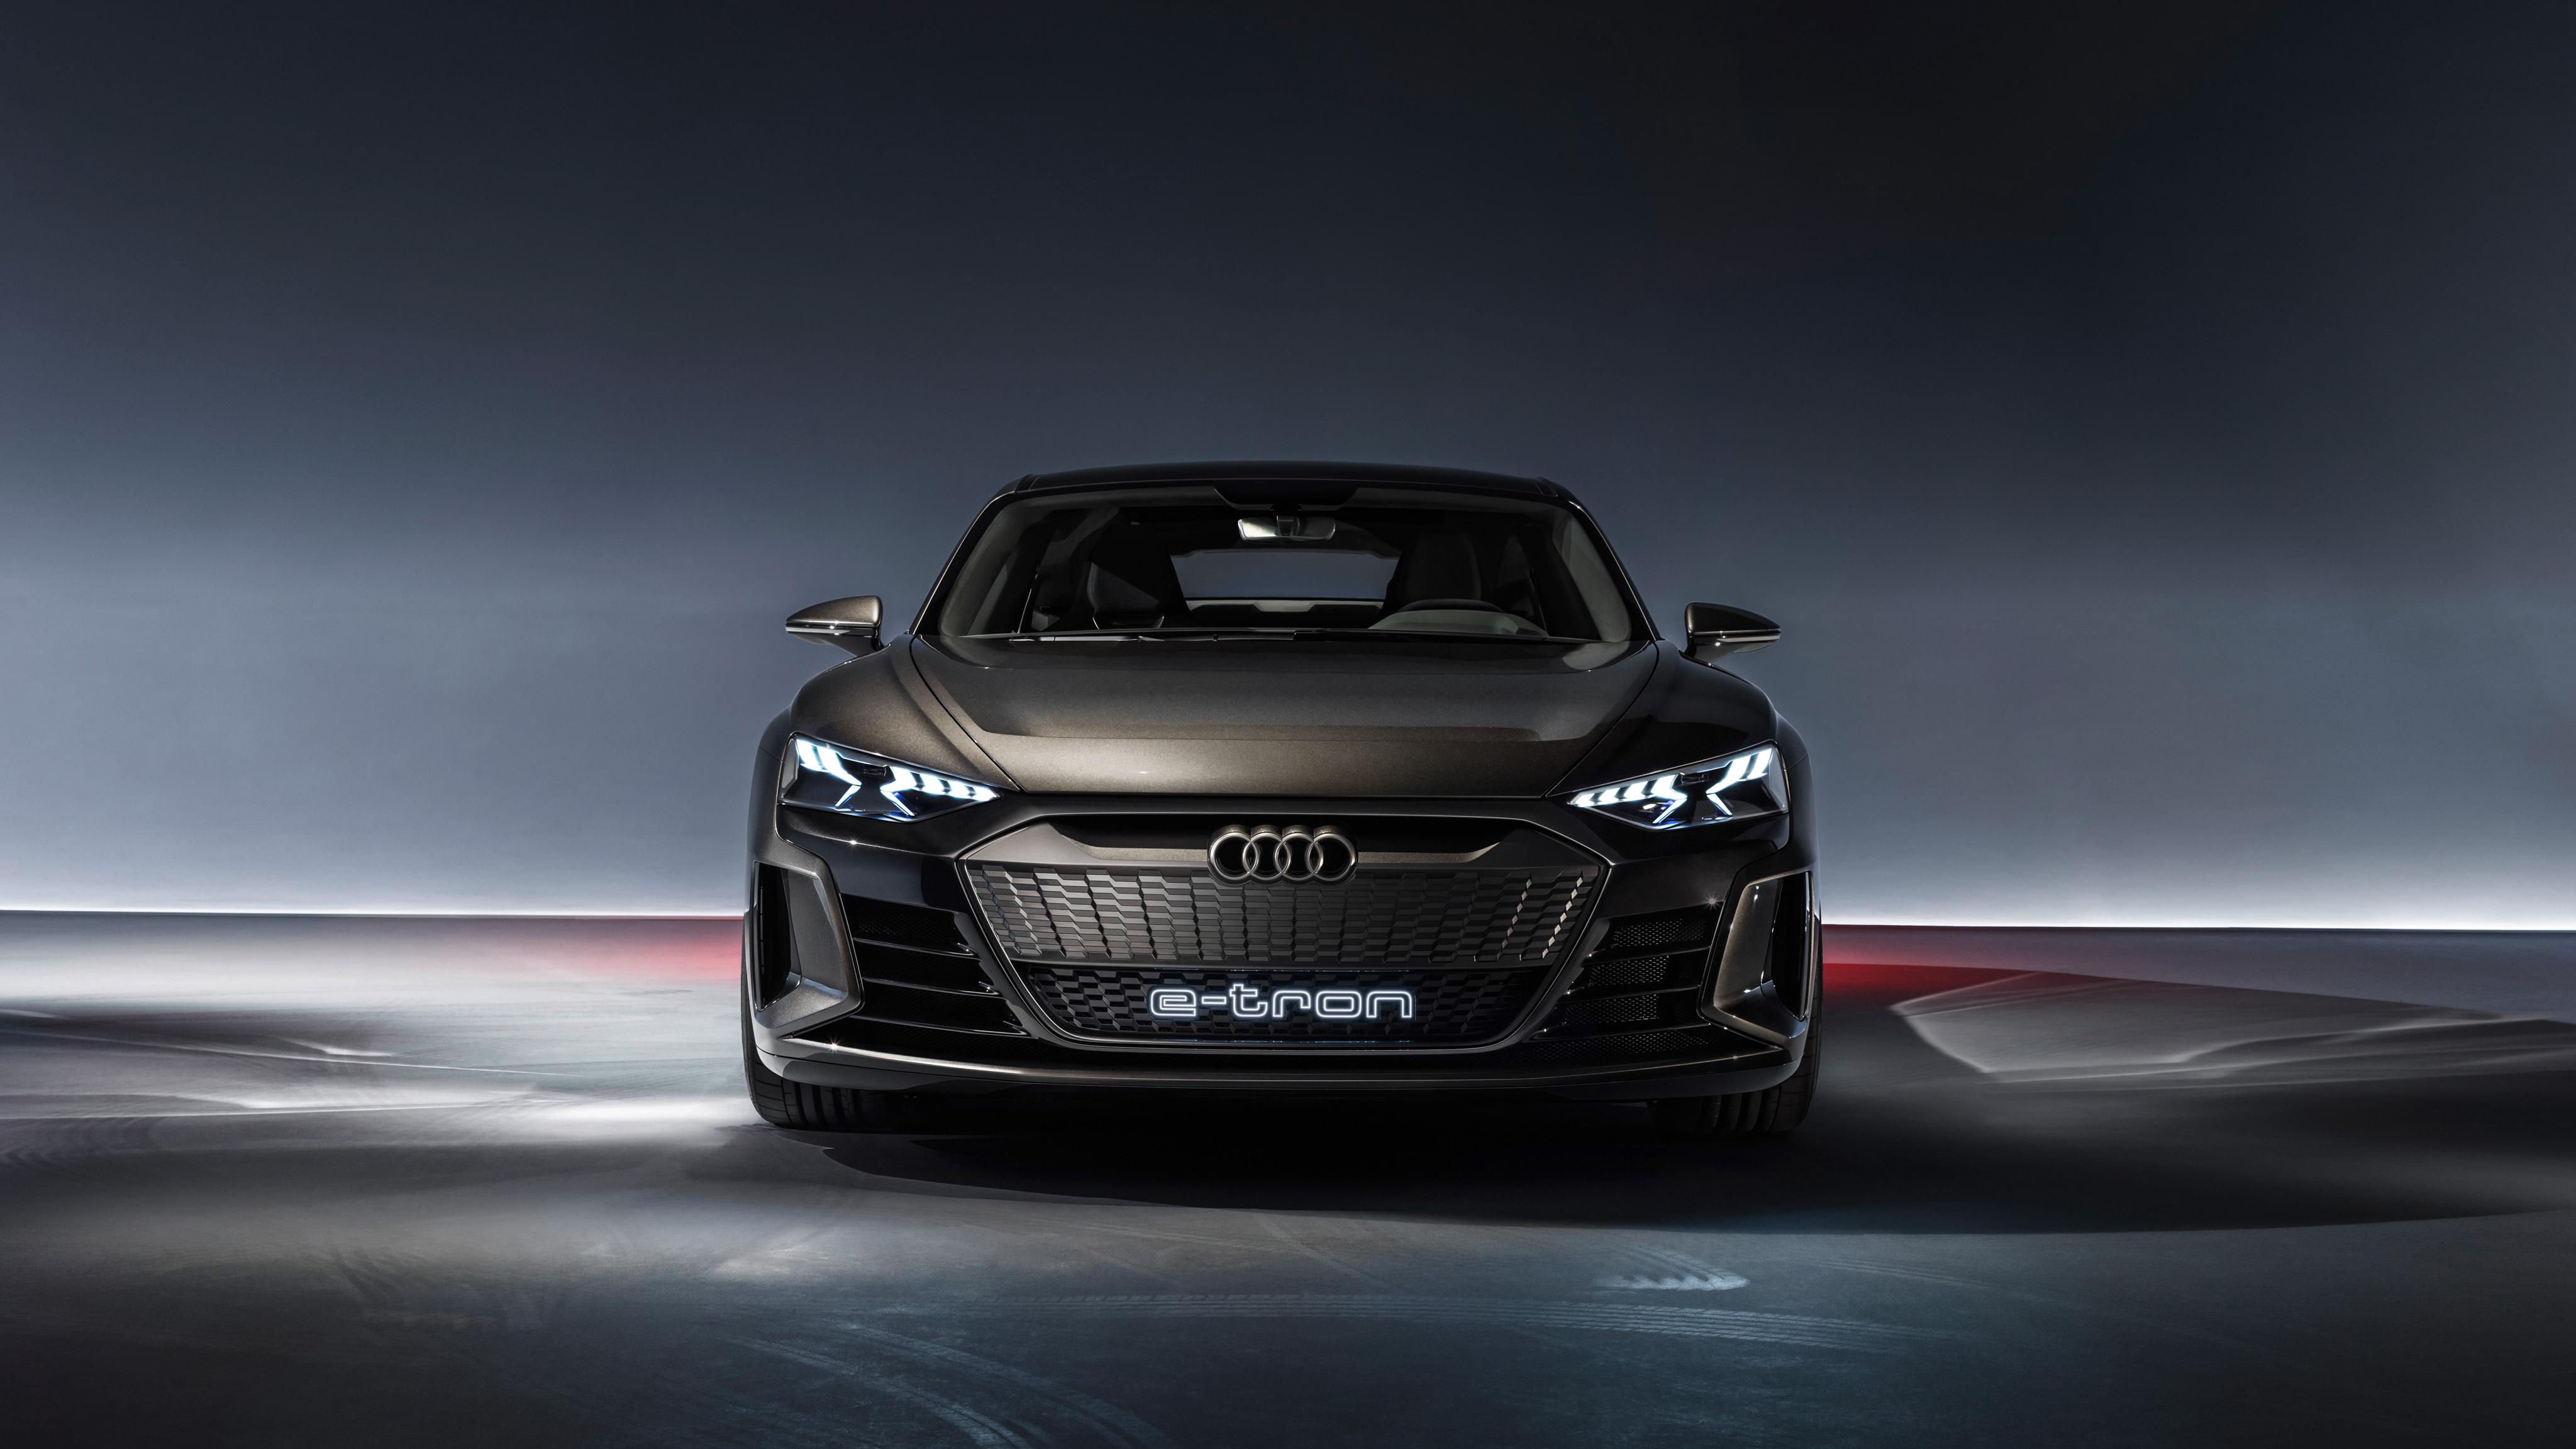 Audi E Tron Gt Concept 2019 4k 6 Wallpaper Hd Car Wallpapers Id 11599